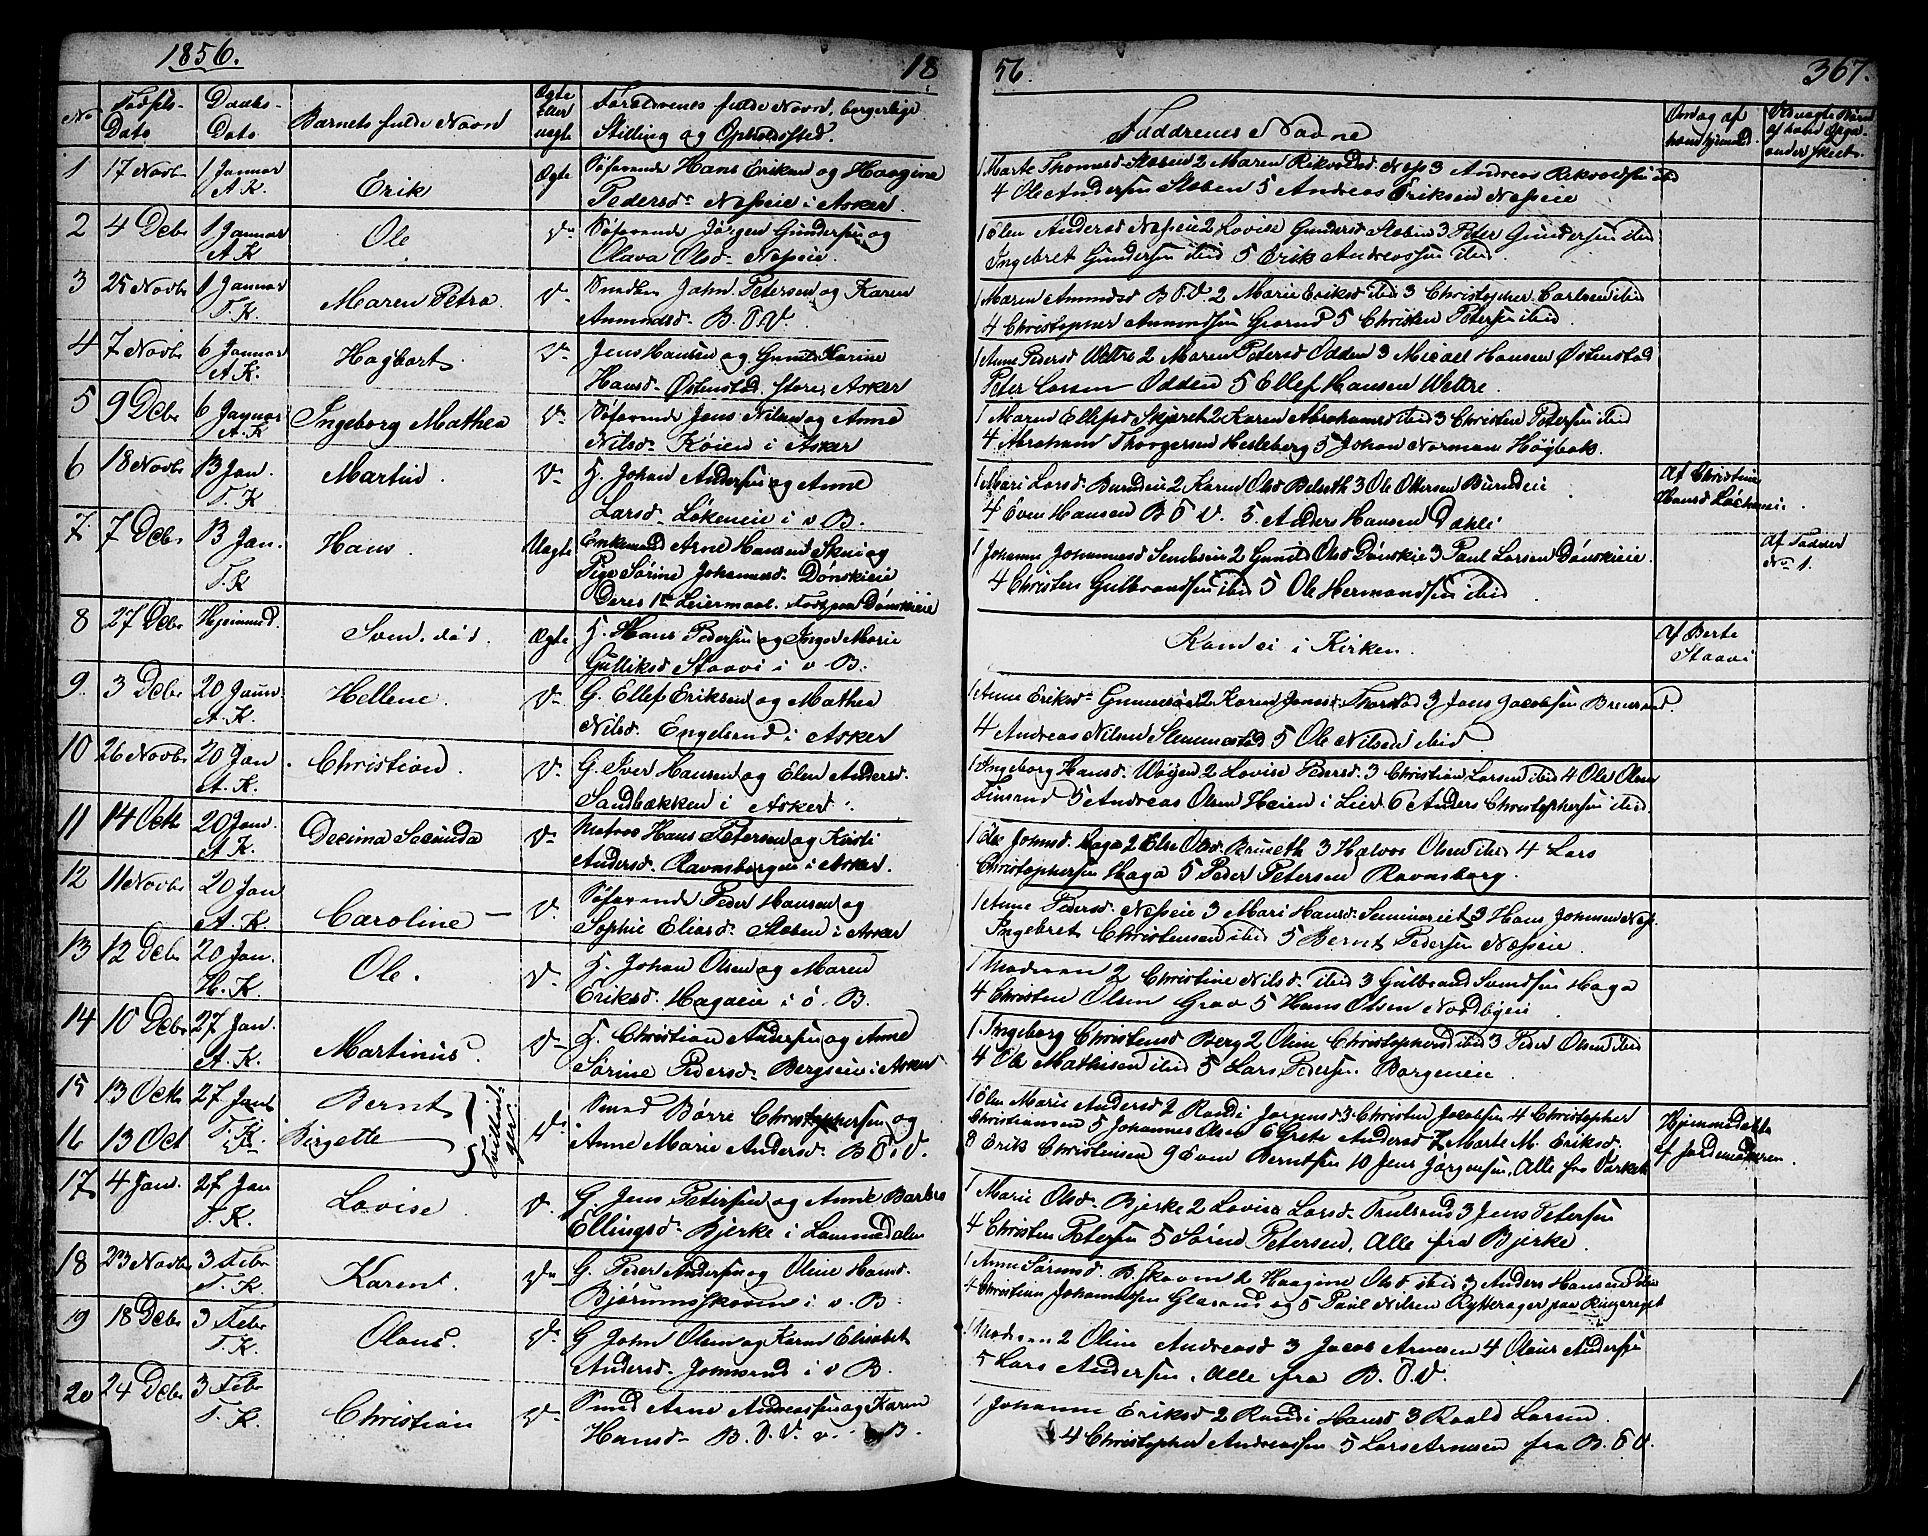 SAO, Asker prestekontor Kirkebøker, F/Fa/L0007: Ministerialbok nr. I 7, 1825-1864, s. 367